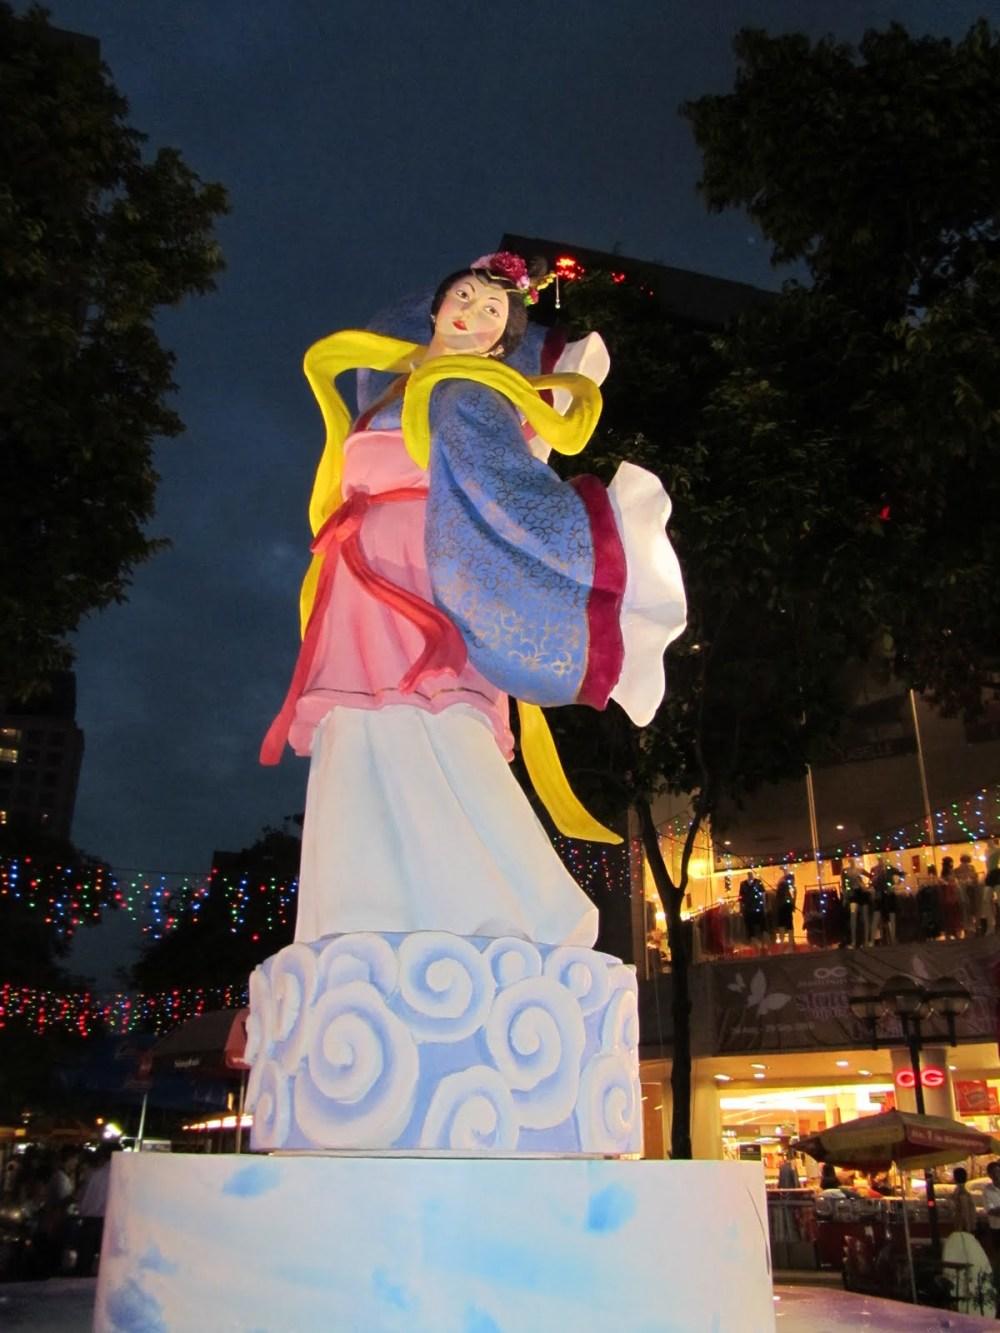 Mid-Autumn/Moon cake/Lantern festival